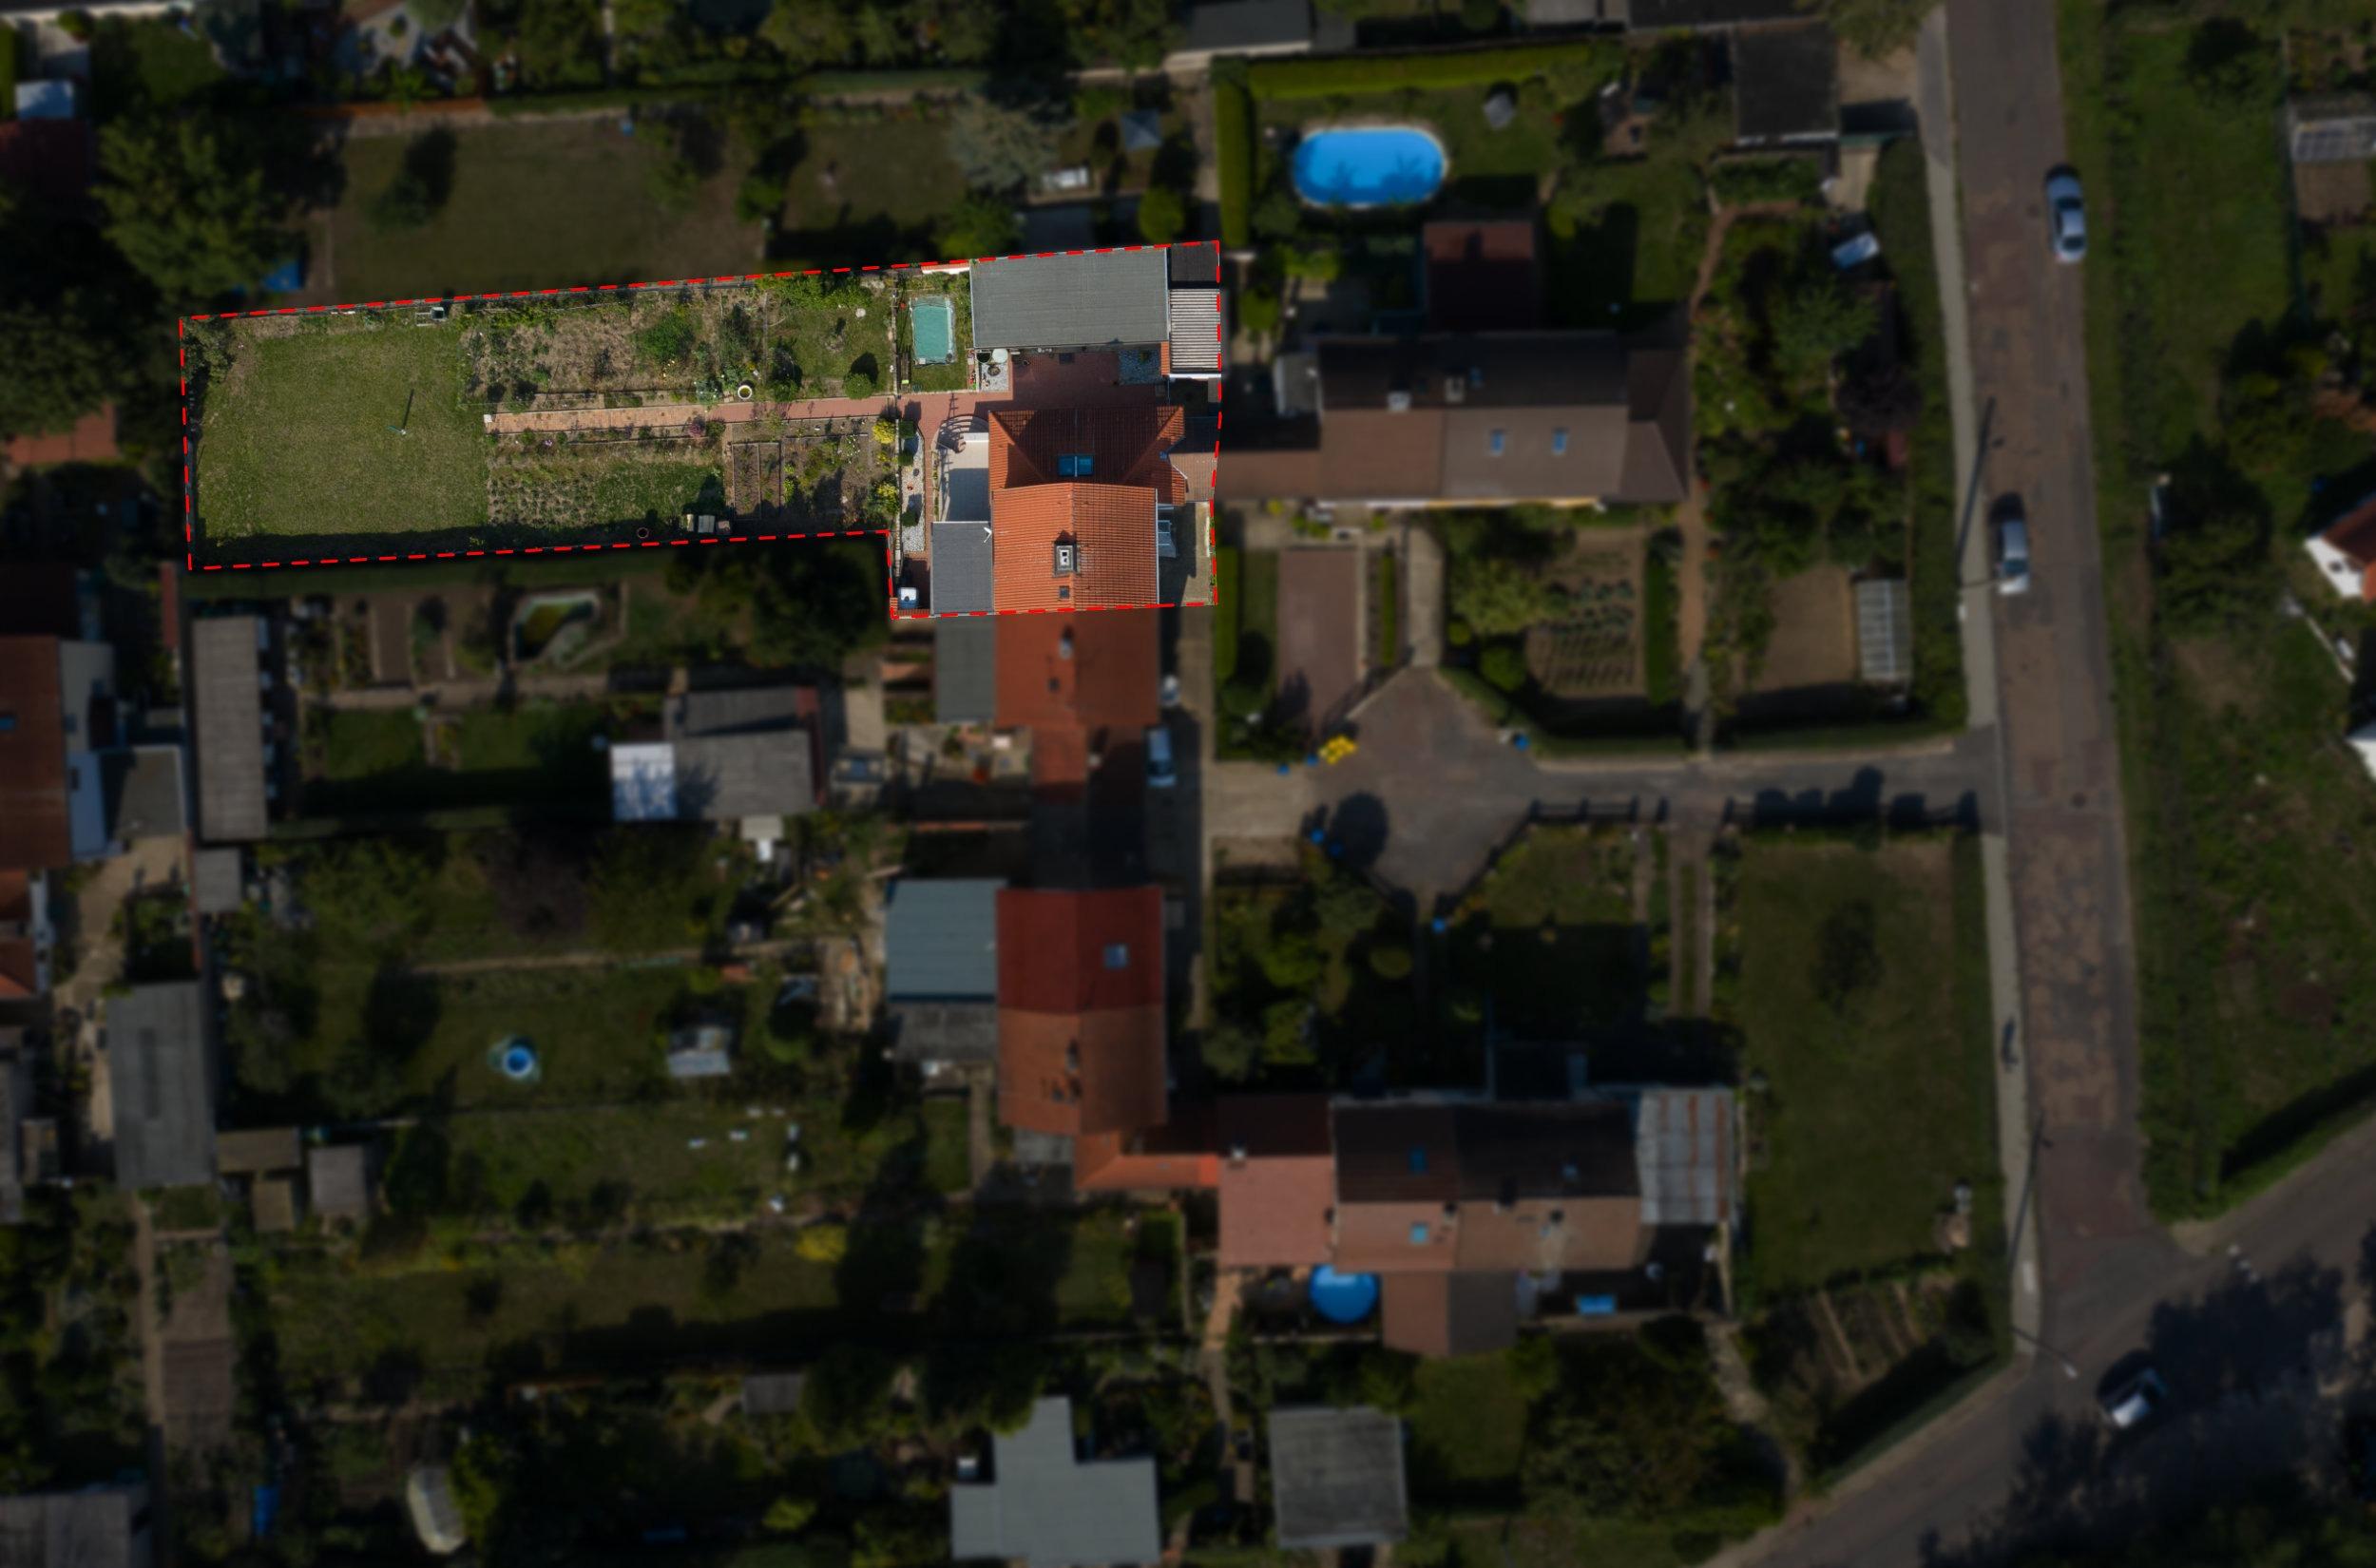 Einfamilienhaus Ellernstraße - Luftbildaufnahme oben